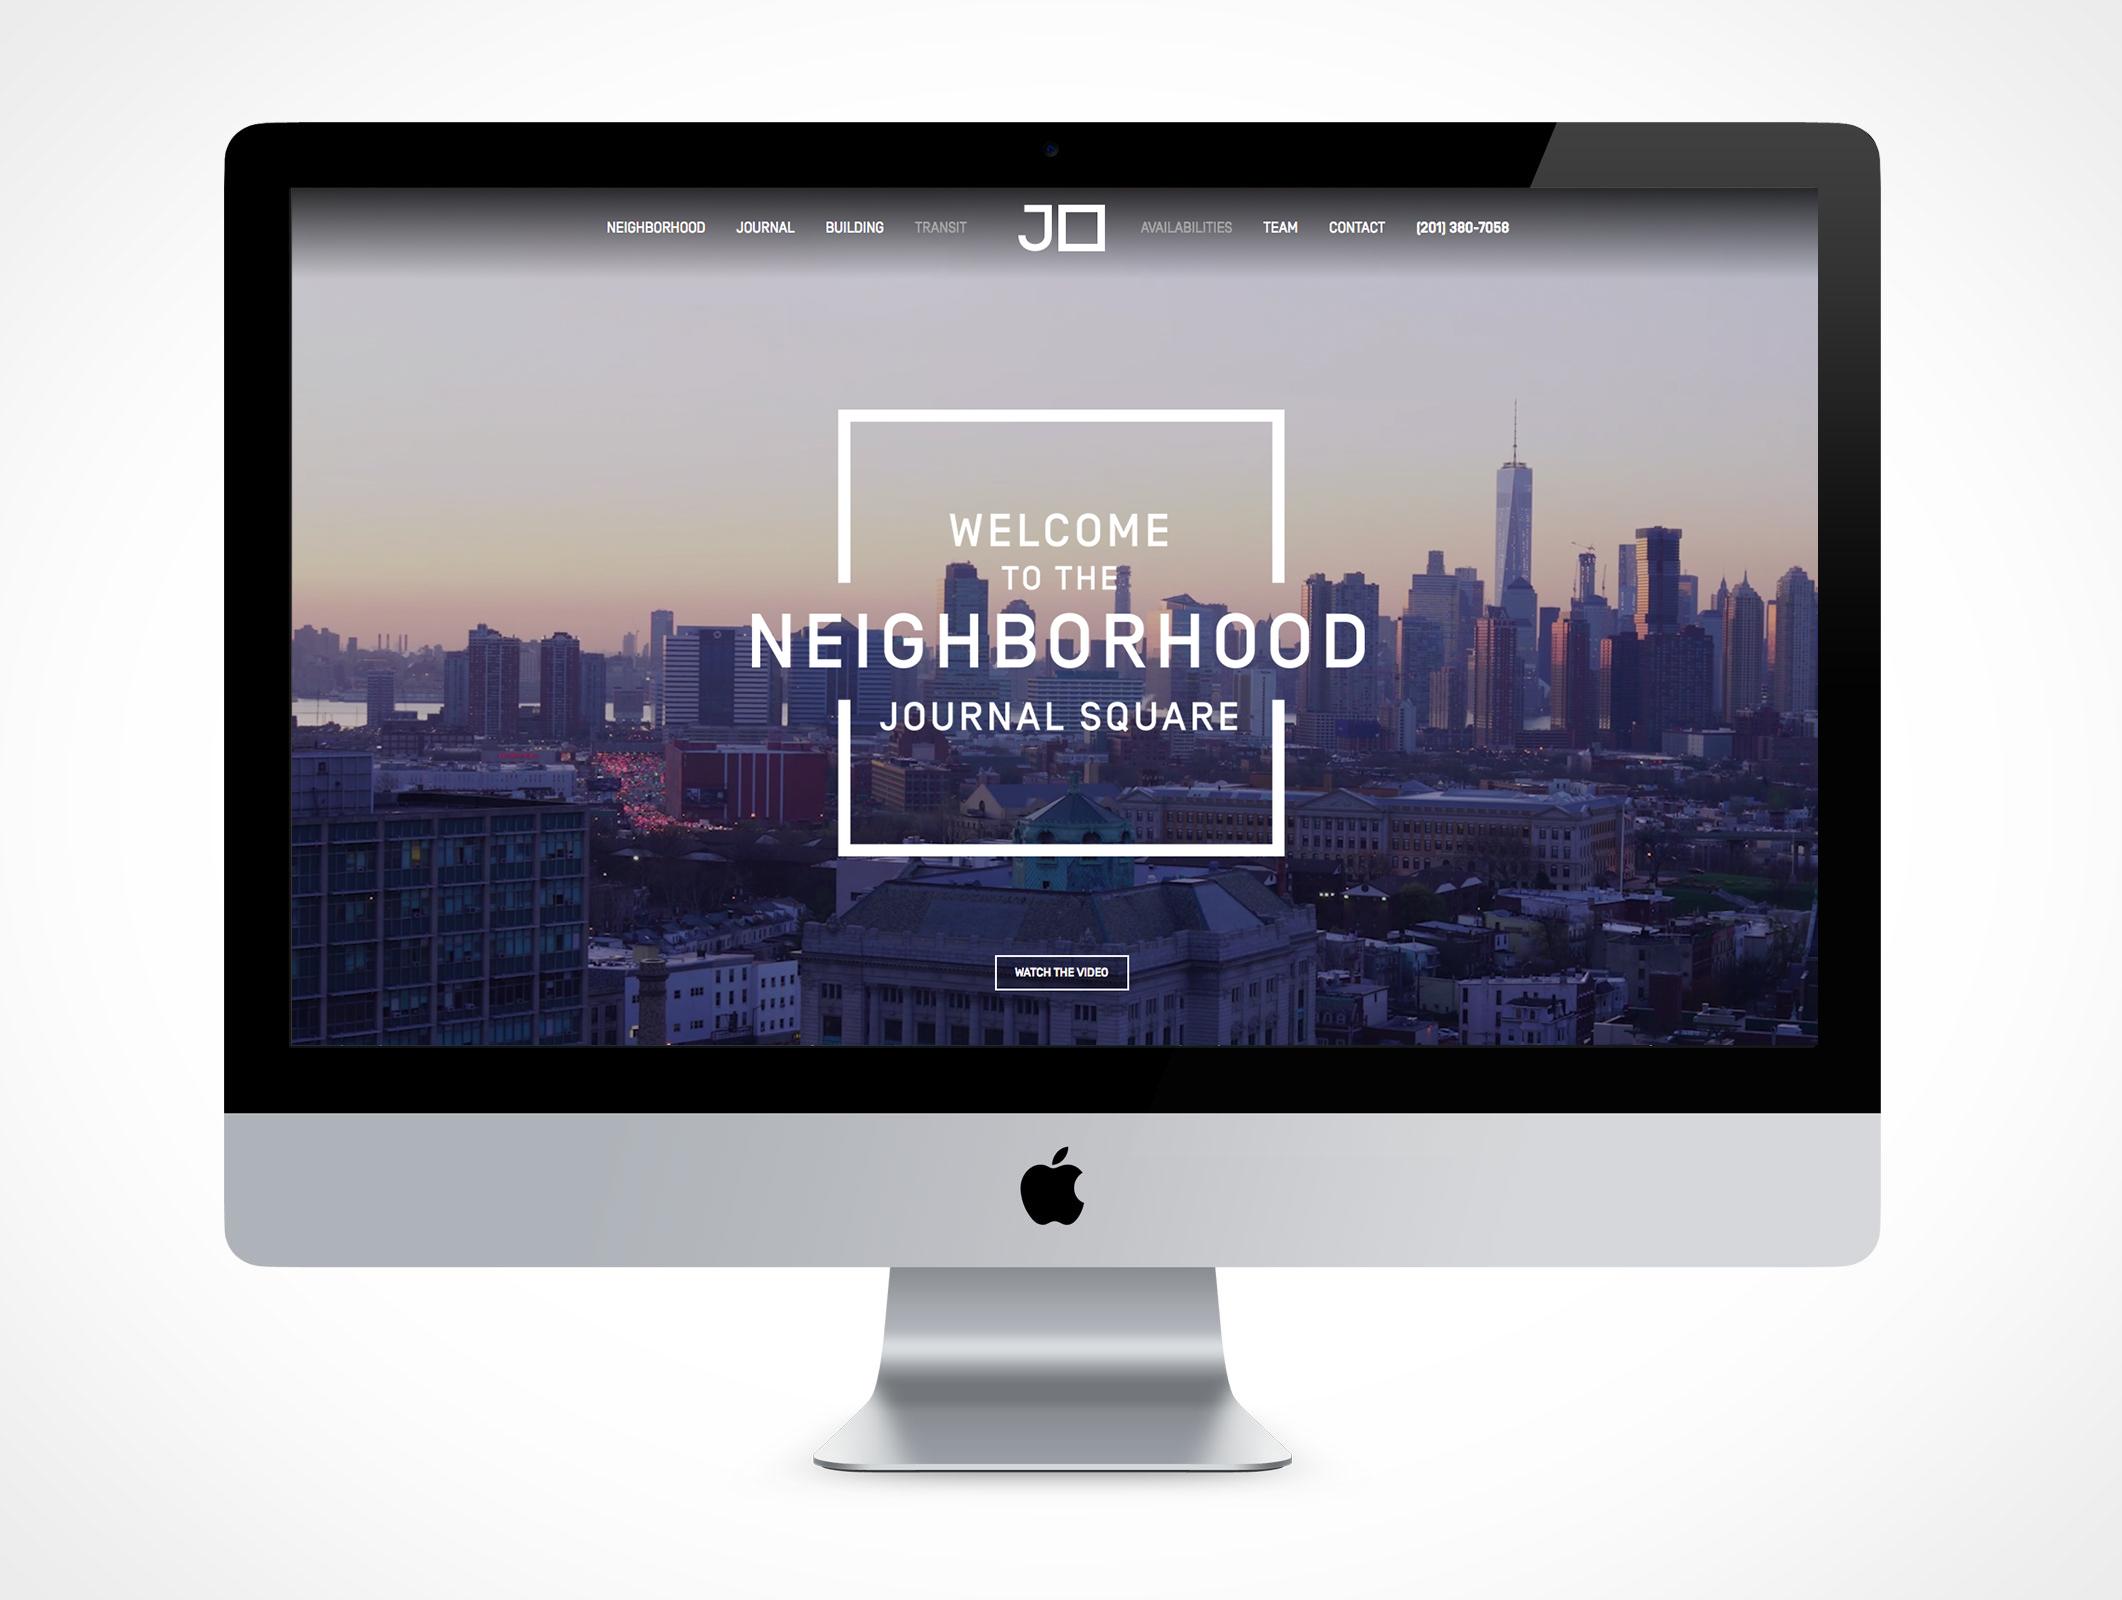 JSQ_neighborhood_2